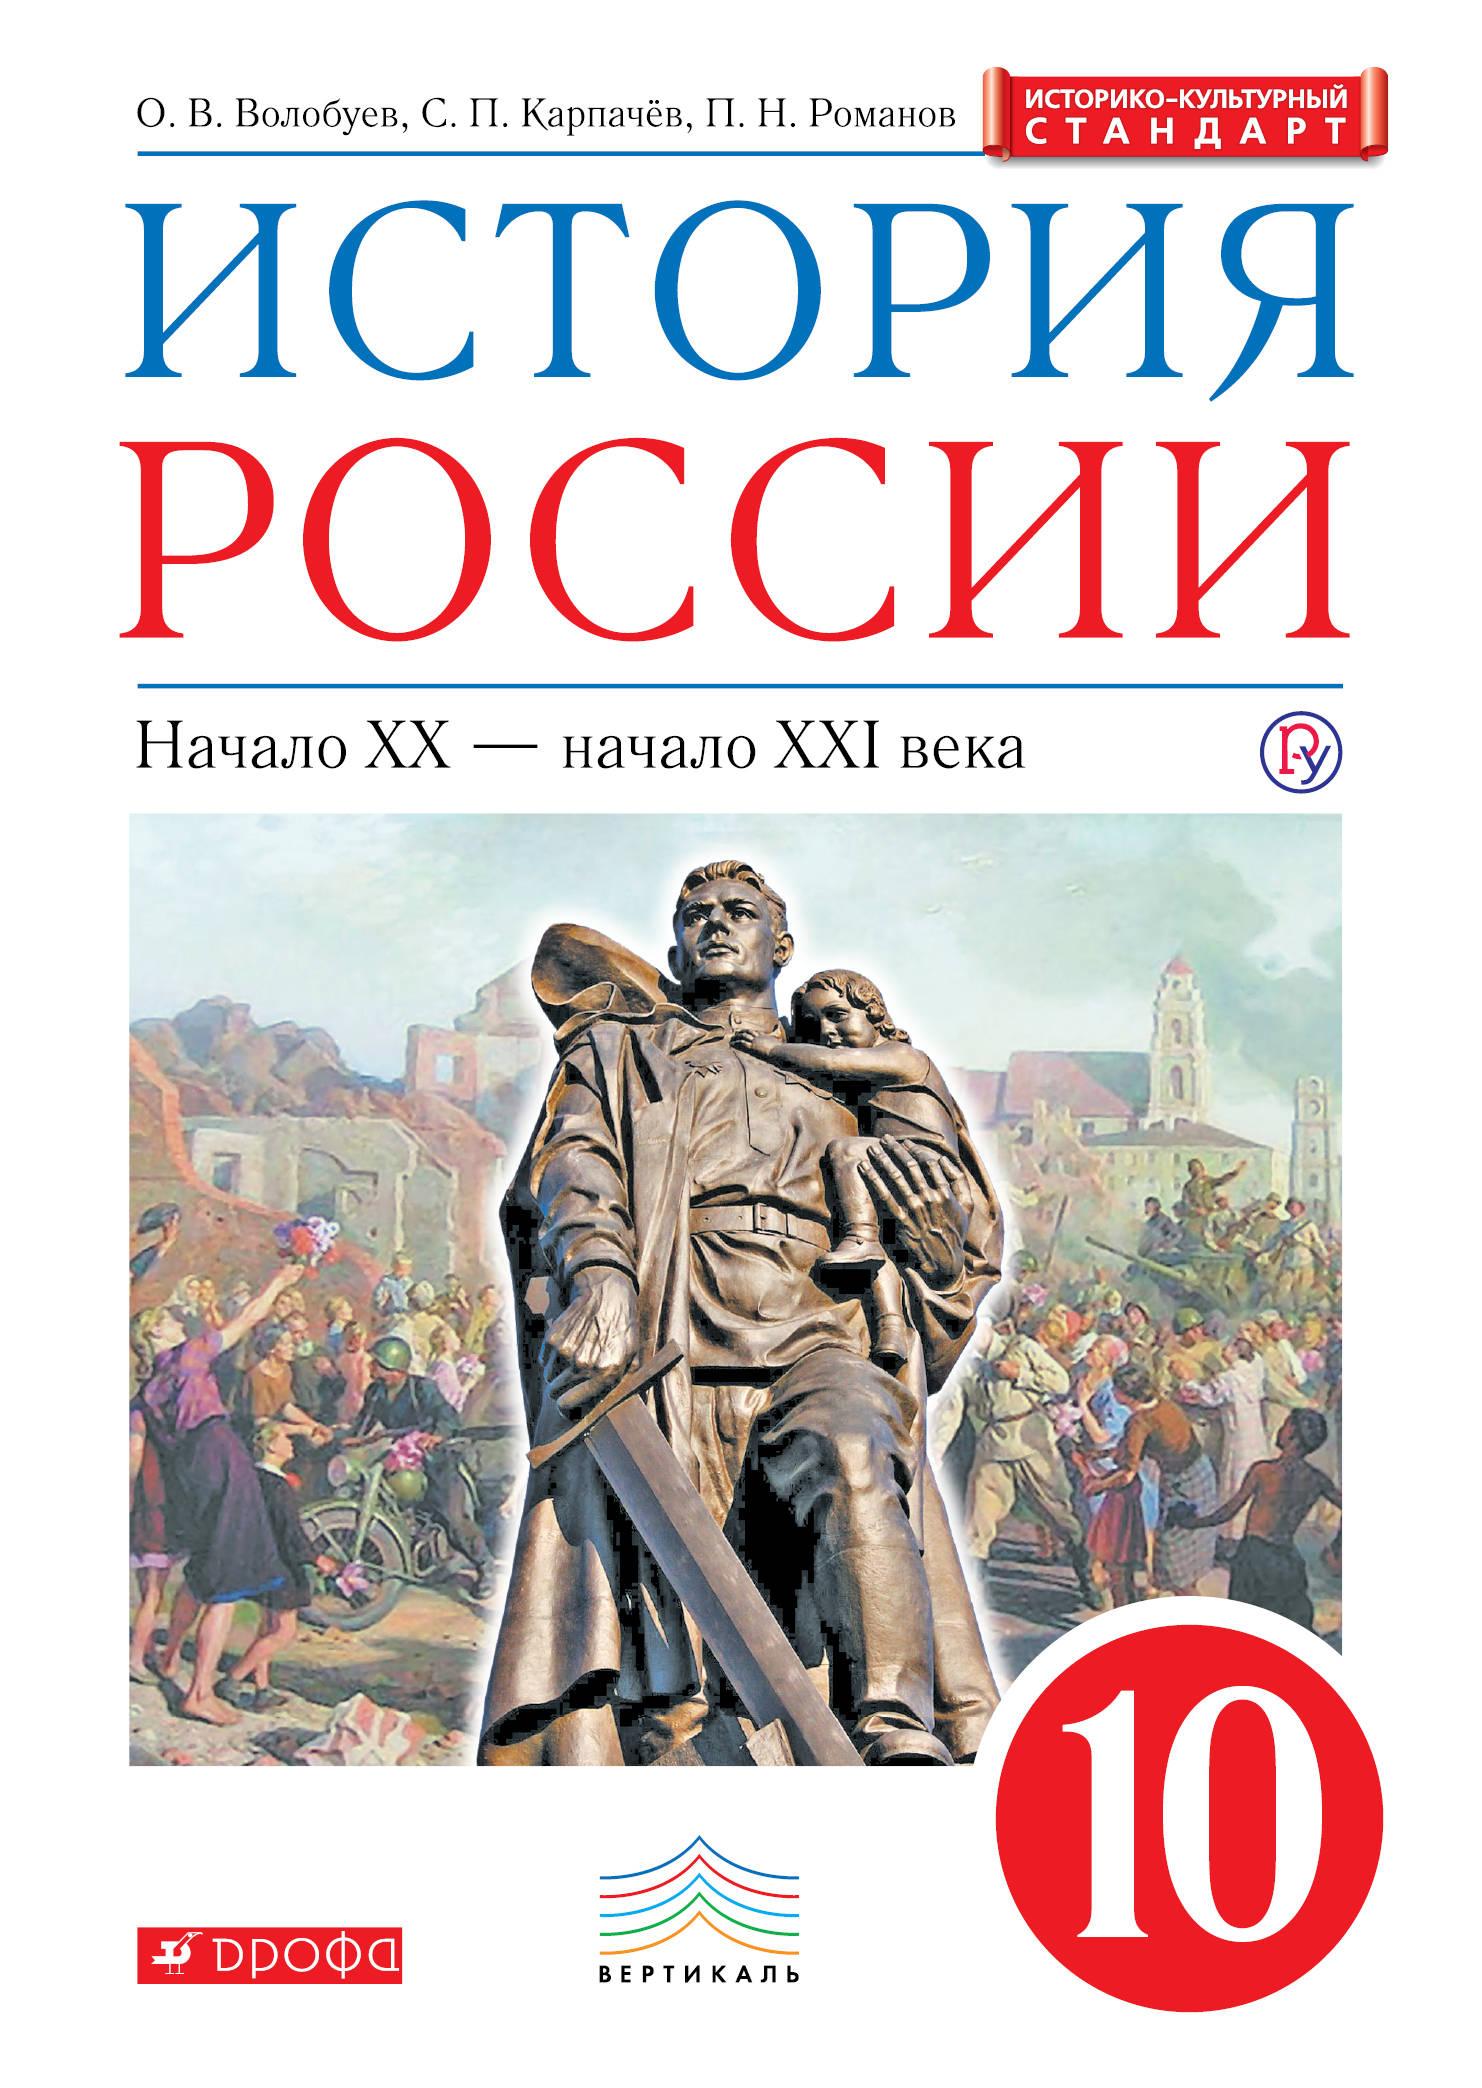 Программа по истории россия и мир 10 класс волобуев скачать